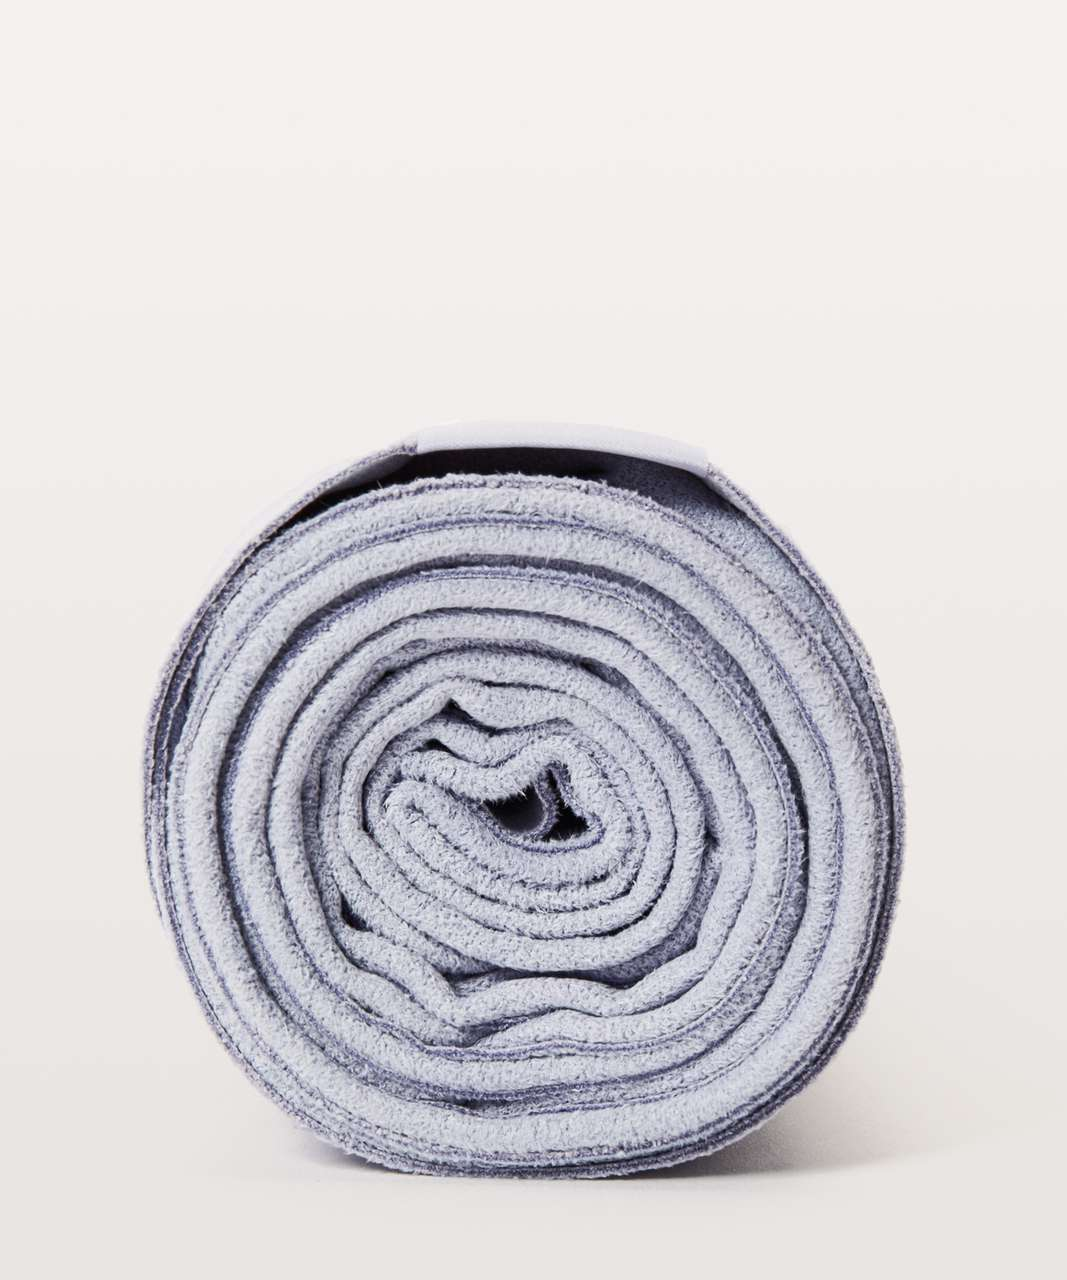 Lululemon The Towel - Misty Moon